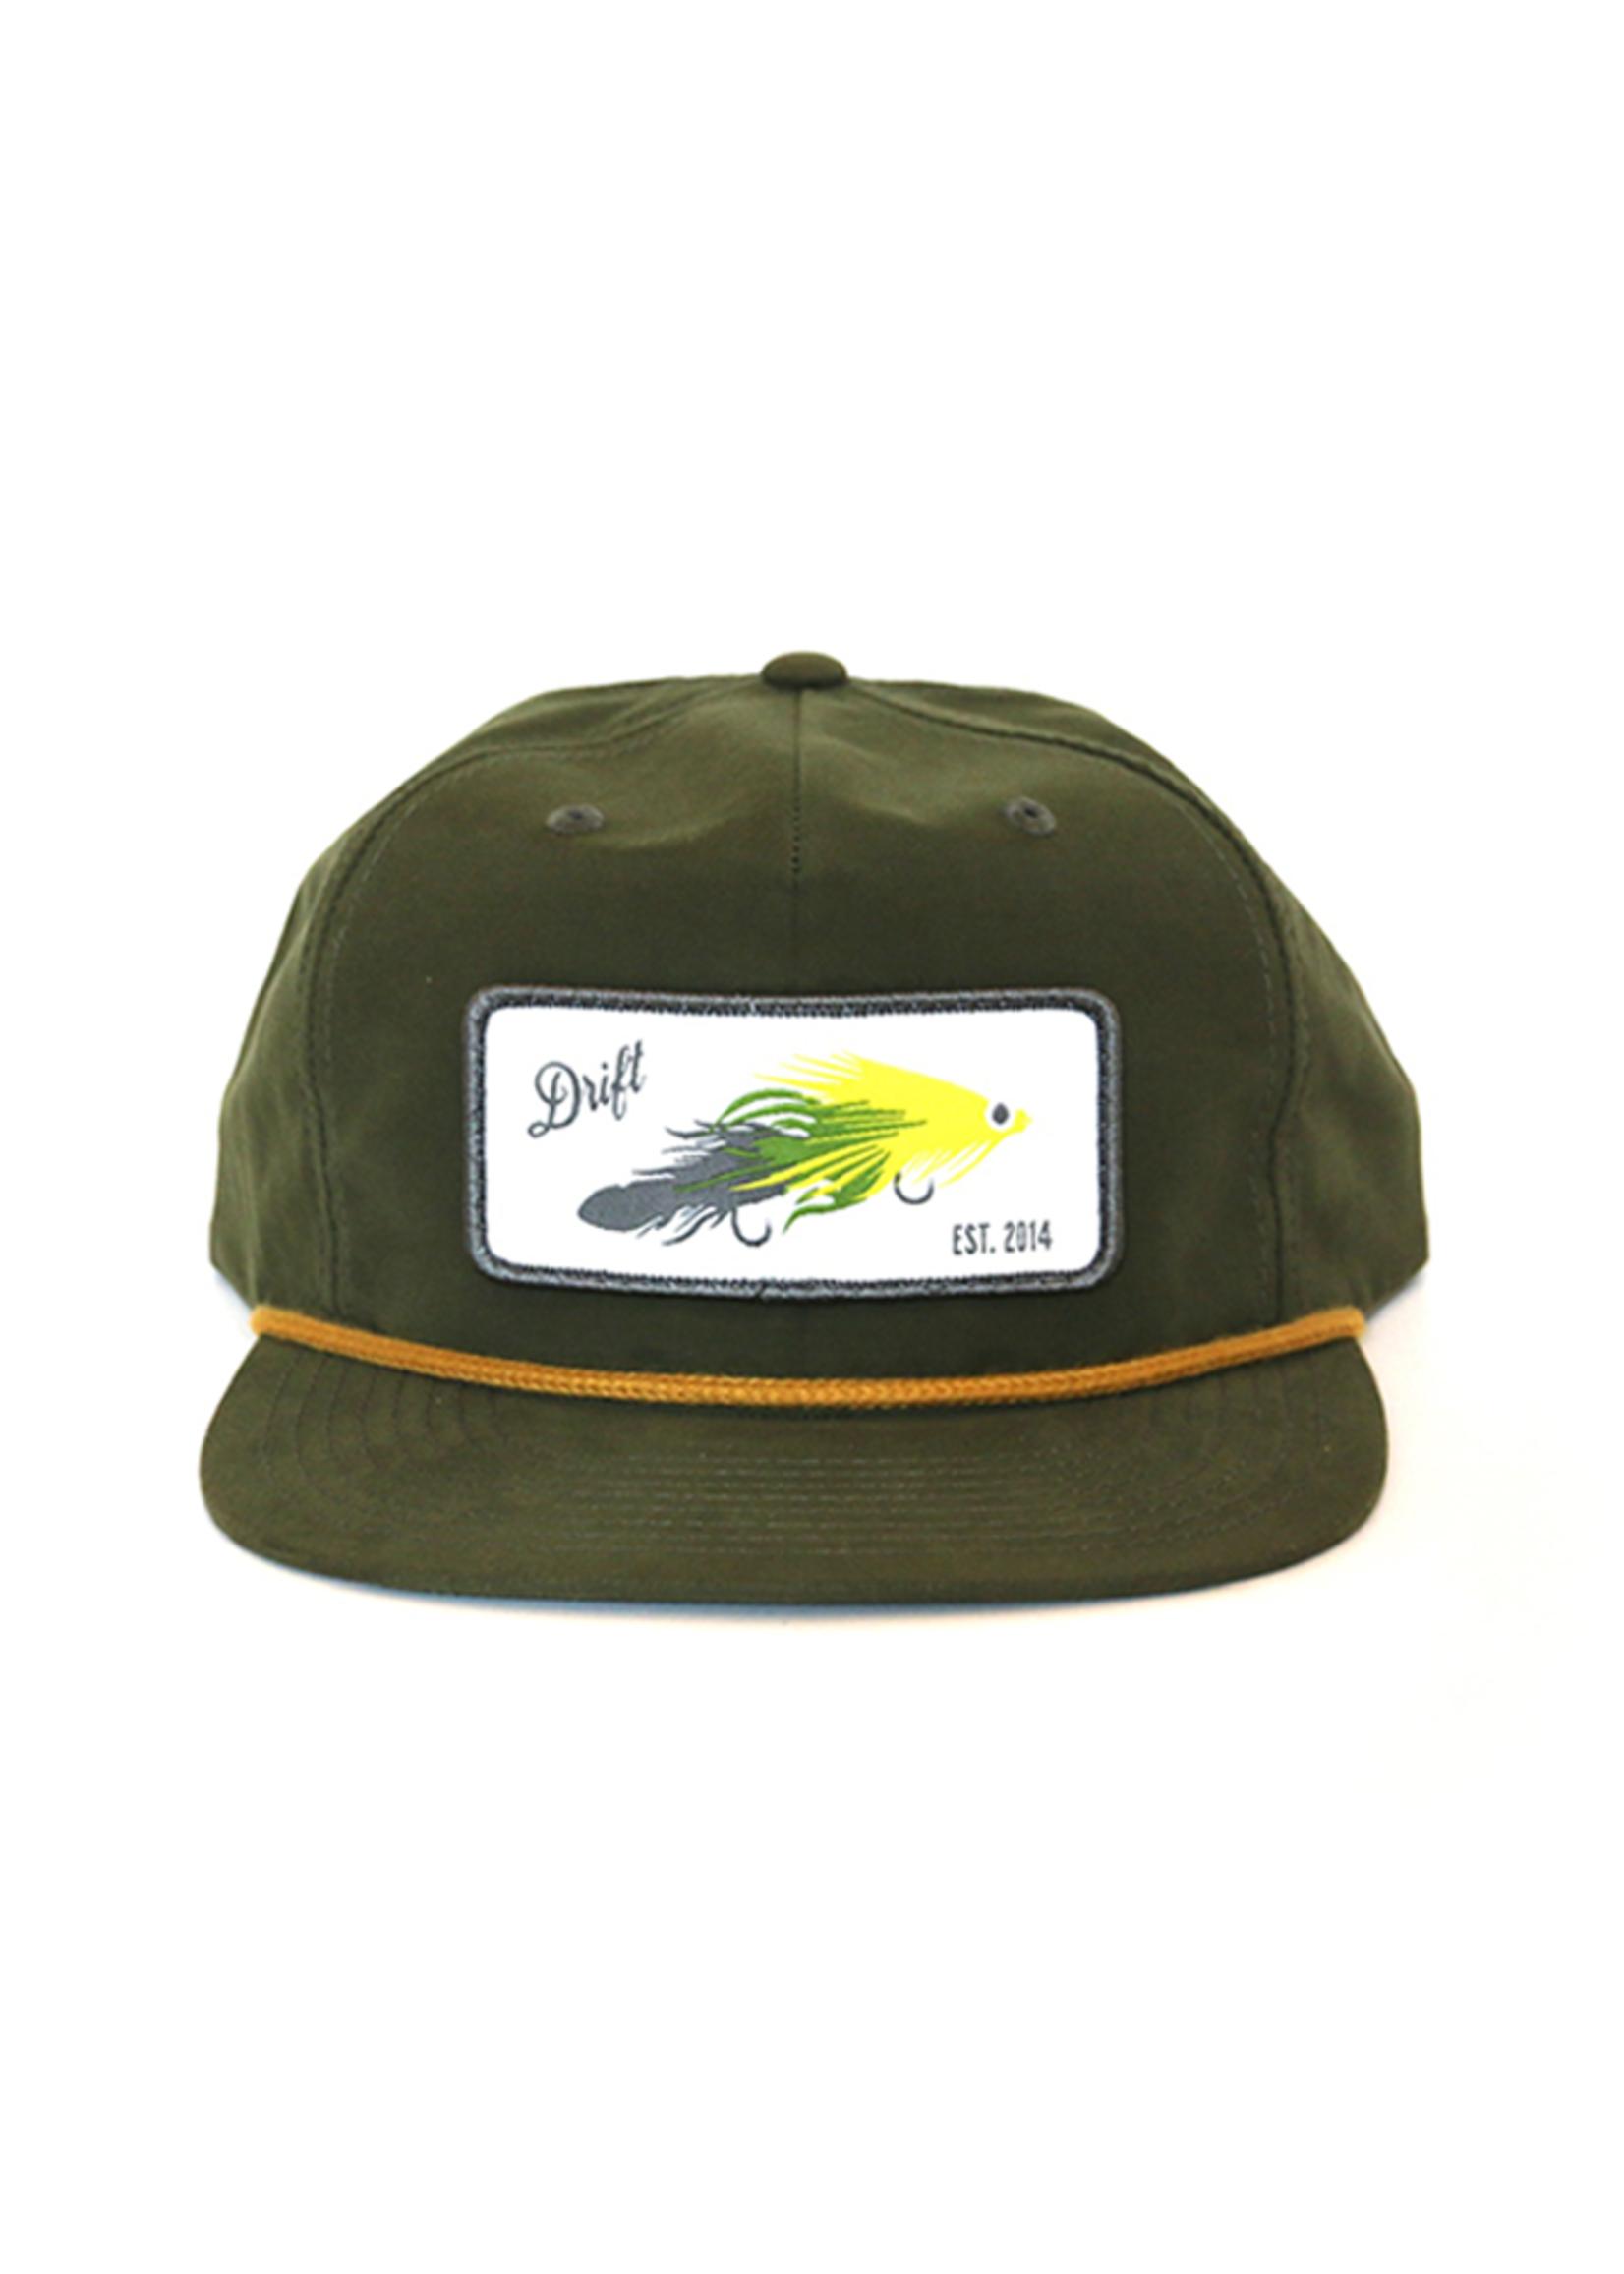 Drift Fly Co. Peepaw Streamer Loden